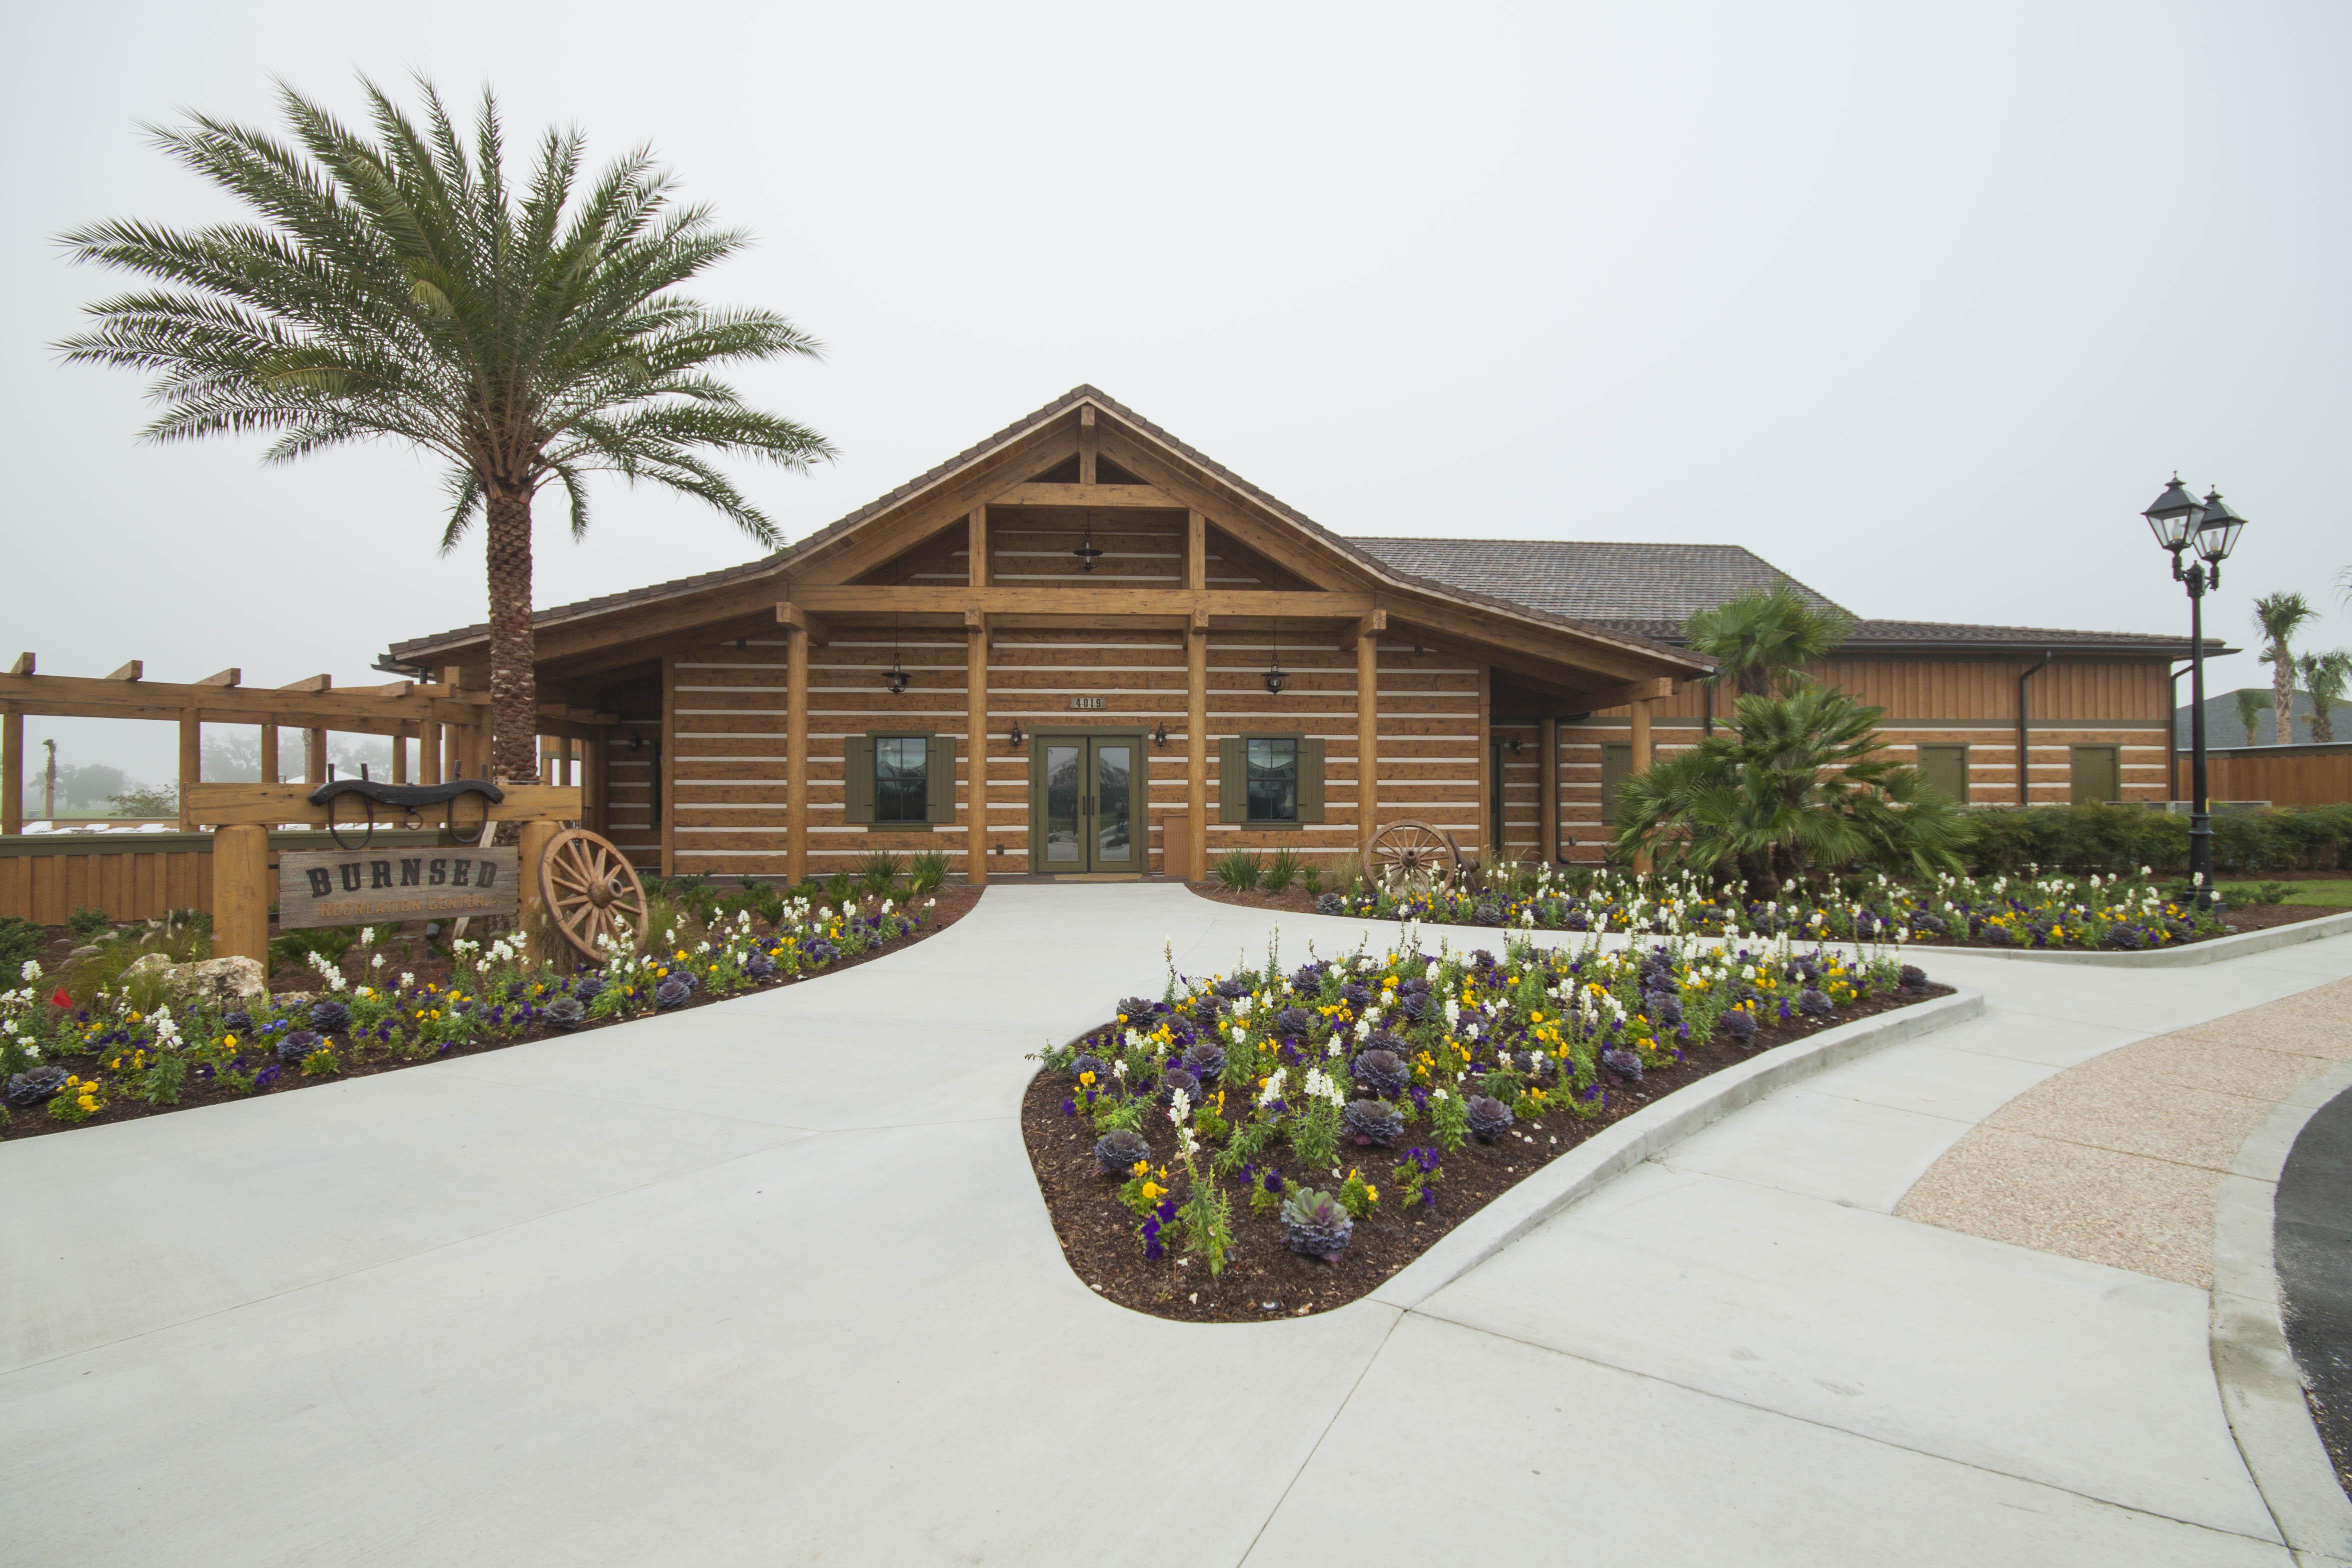 Burnsed Recreation Center